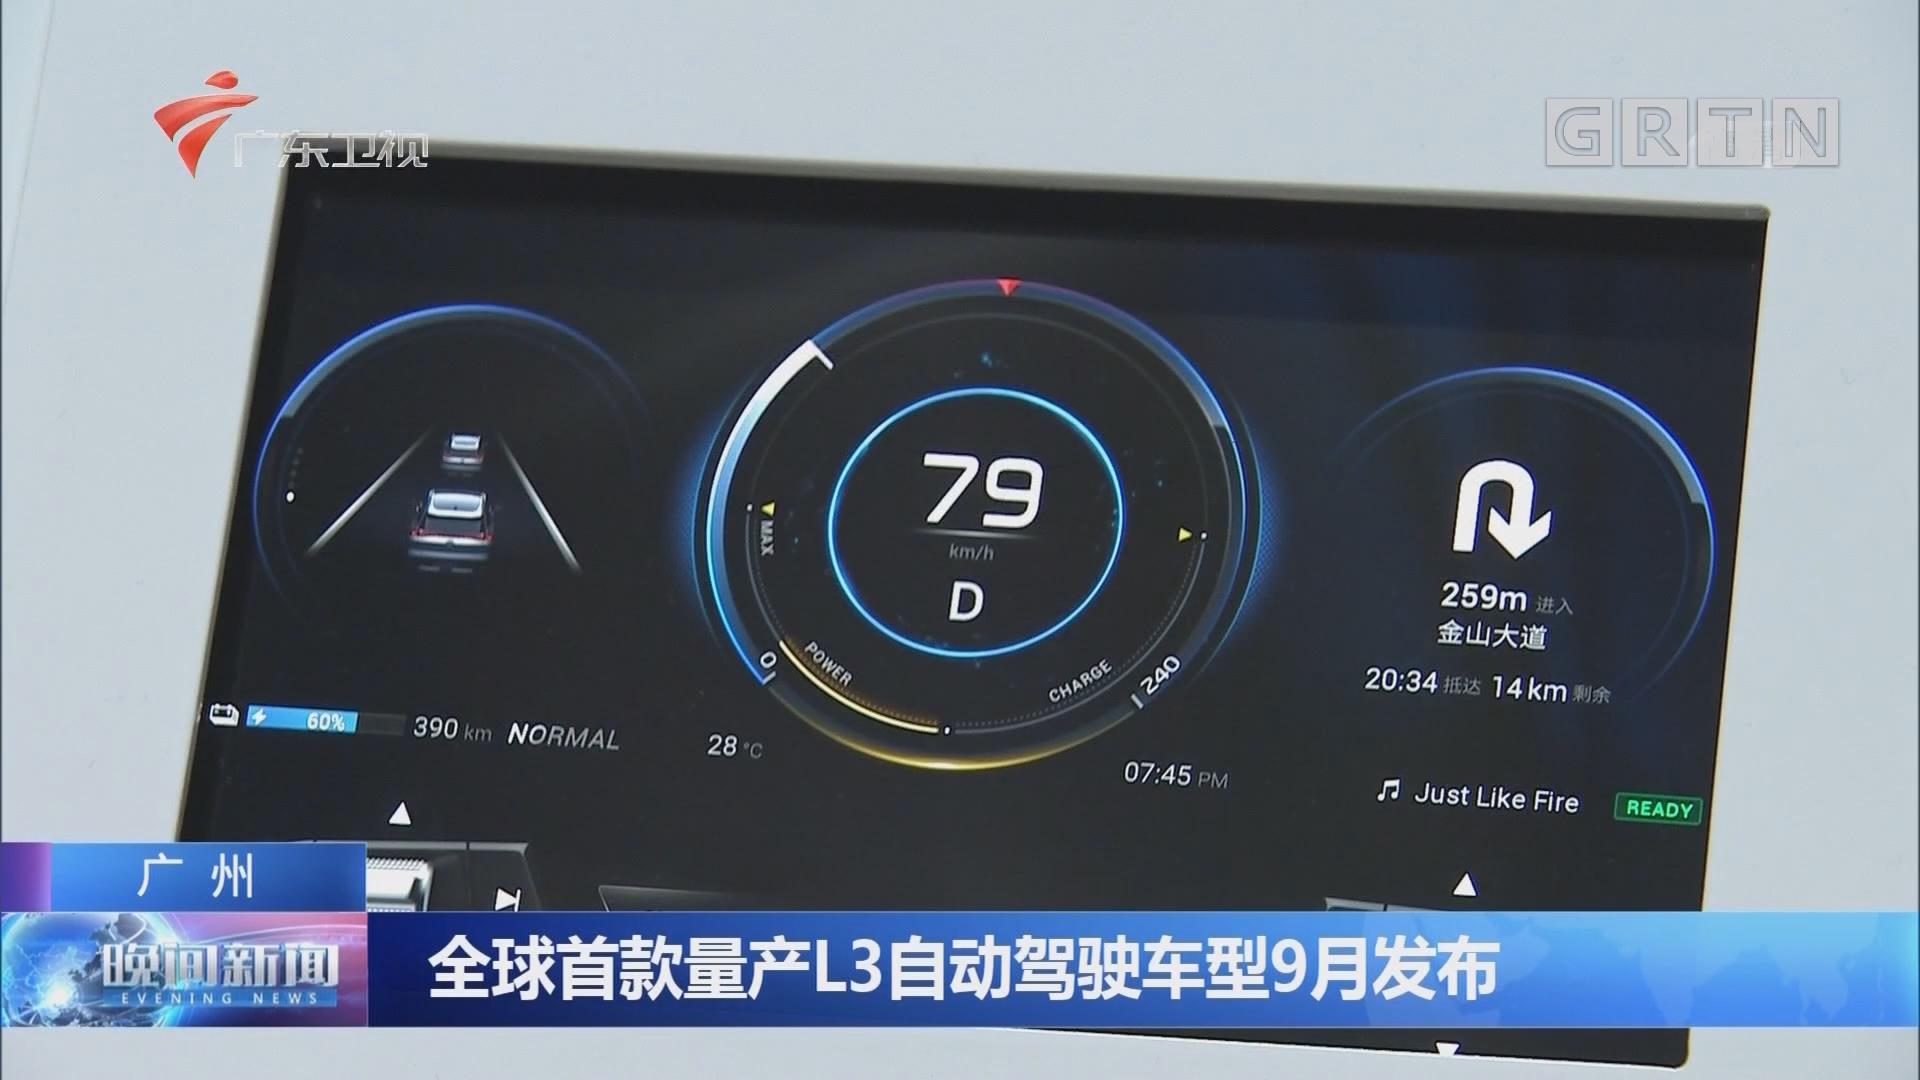 广州:全球首款量产L3自动驾驶车型9月发布